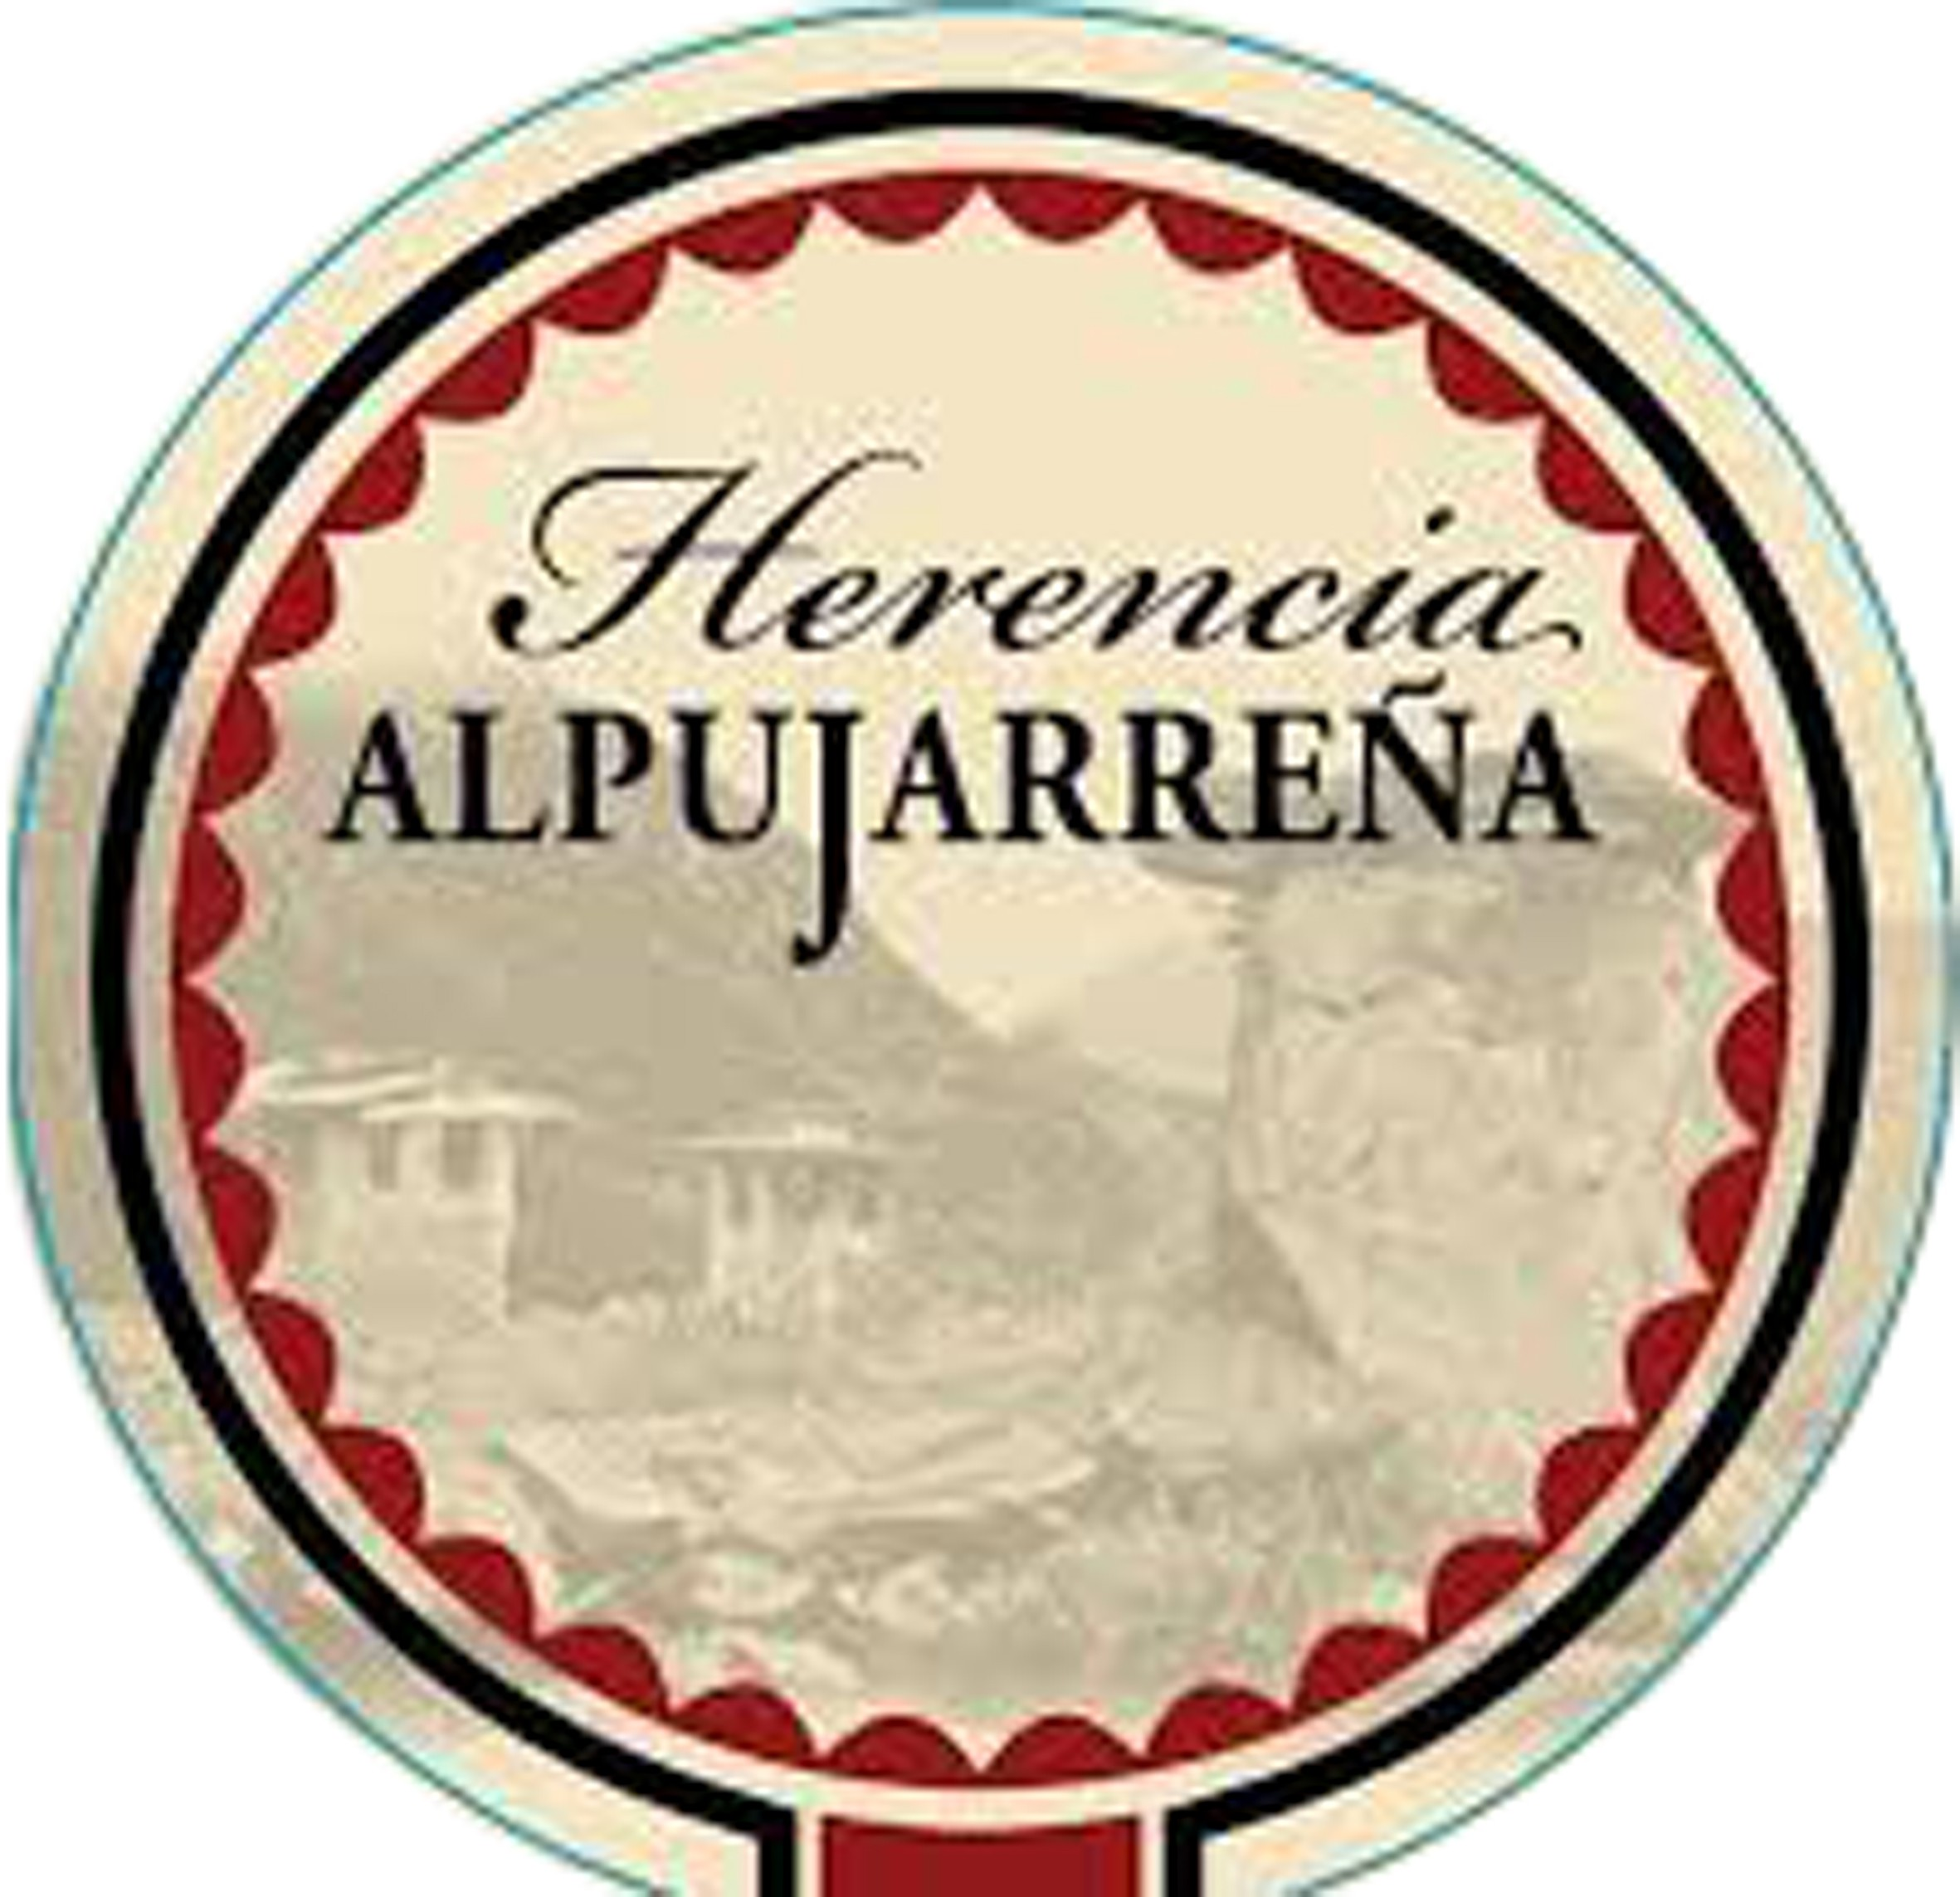 Herencia Alpujarreña